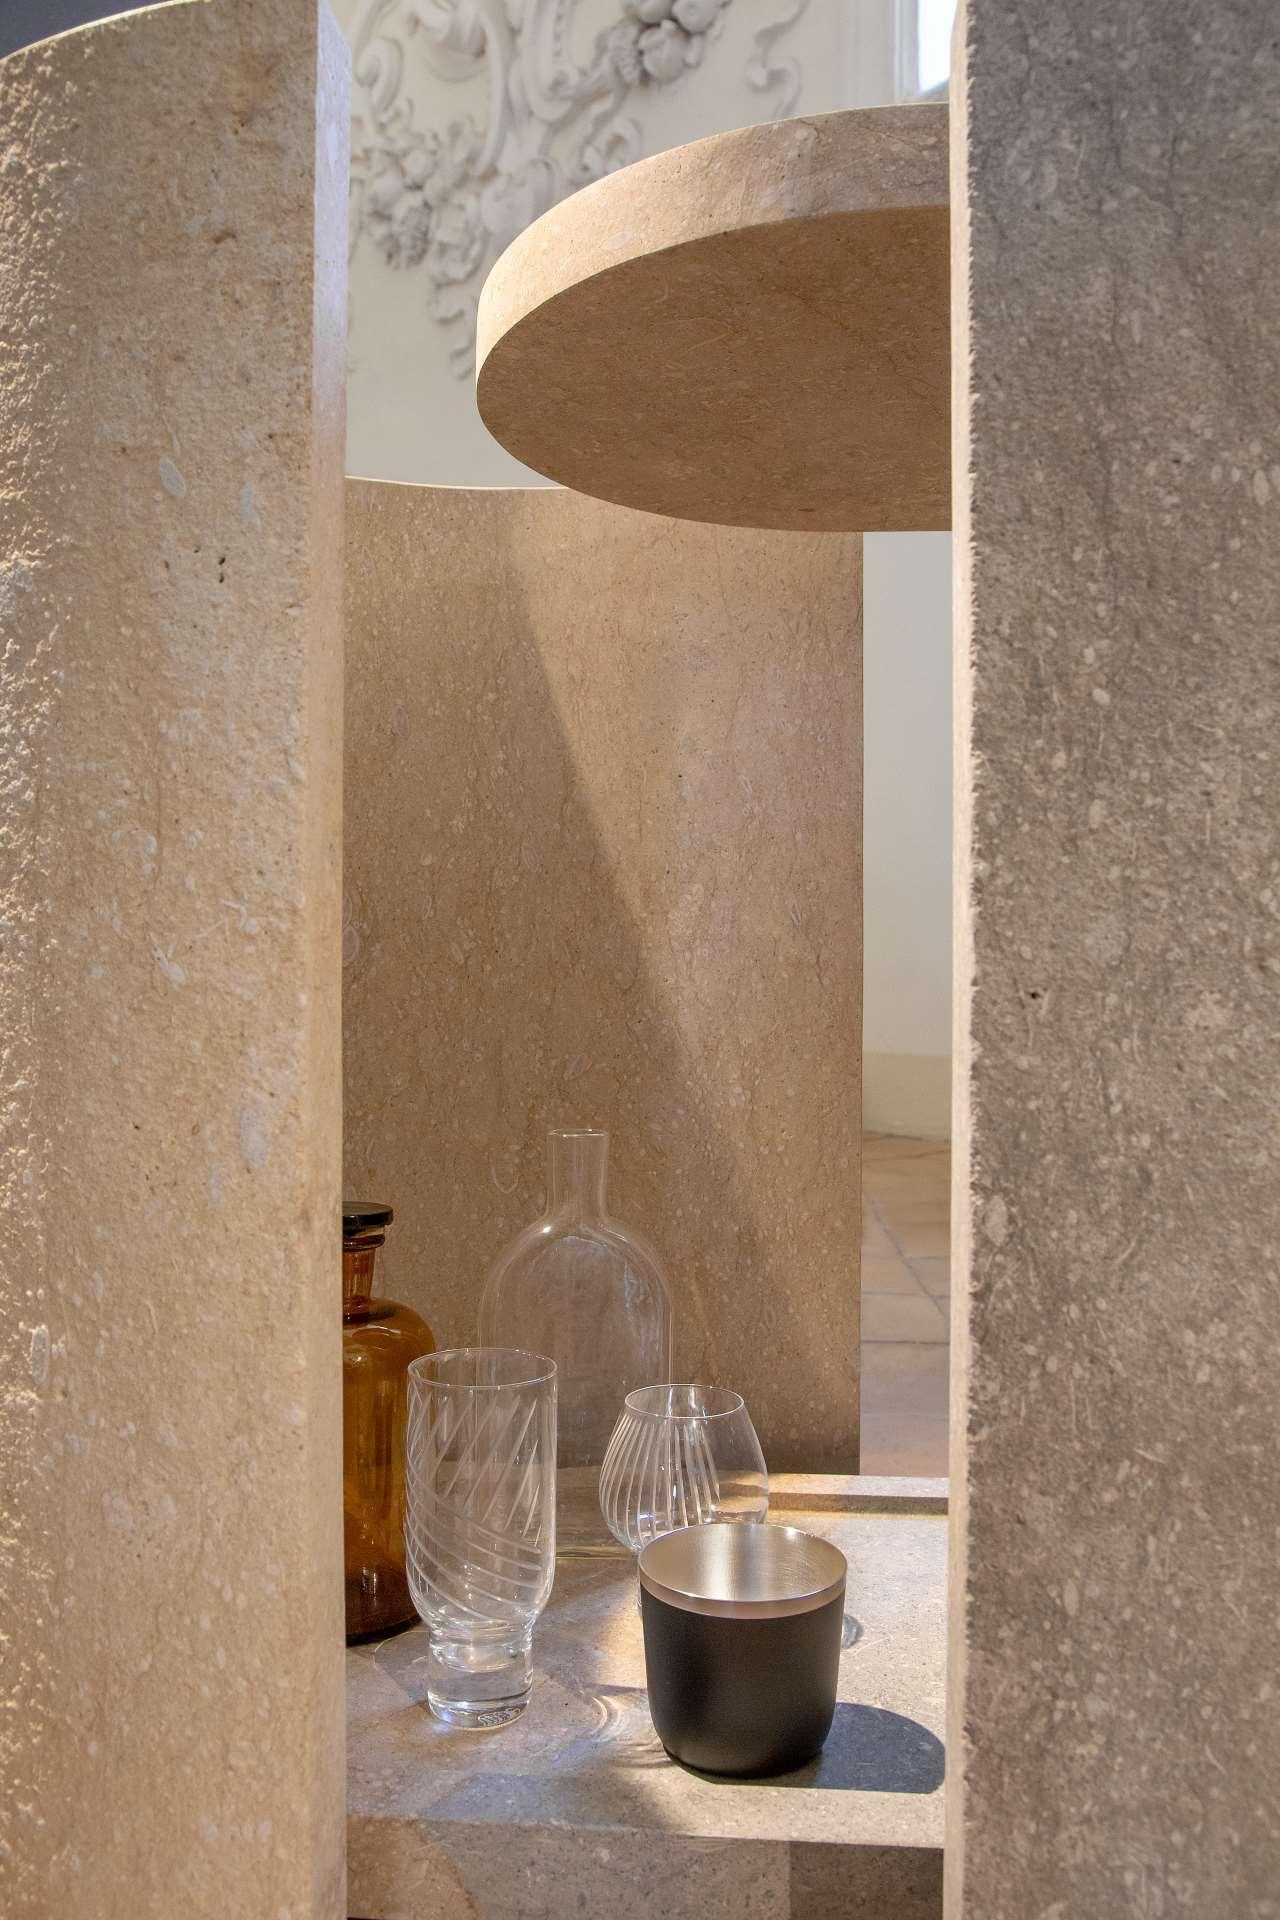 EDIT Napoli exhibition view.BCXSY for Laboratorio Morseletto,Bicolore (mini-bar). Photo © Roberto Pierucci.